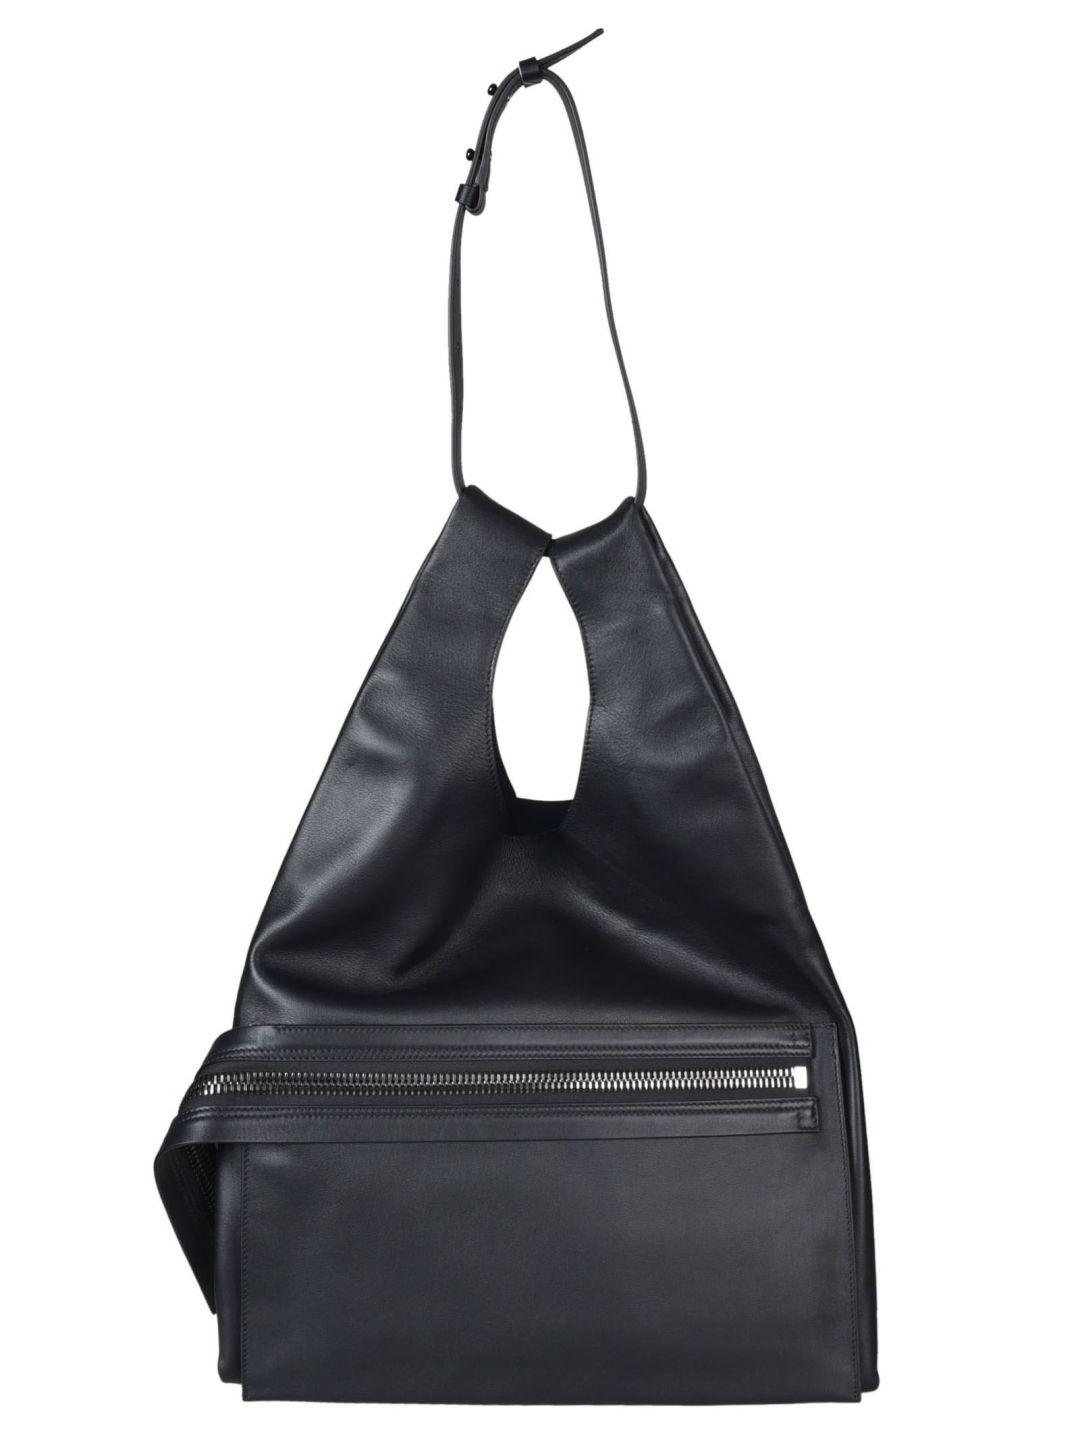 2826b2c46510 Tom Ford Logo Hobo Bag – Italist.com US – $2,270.28